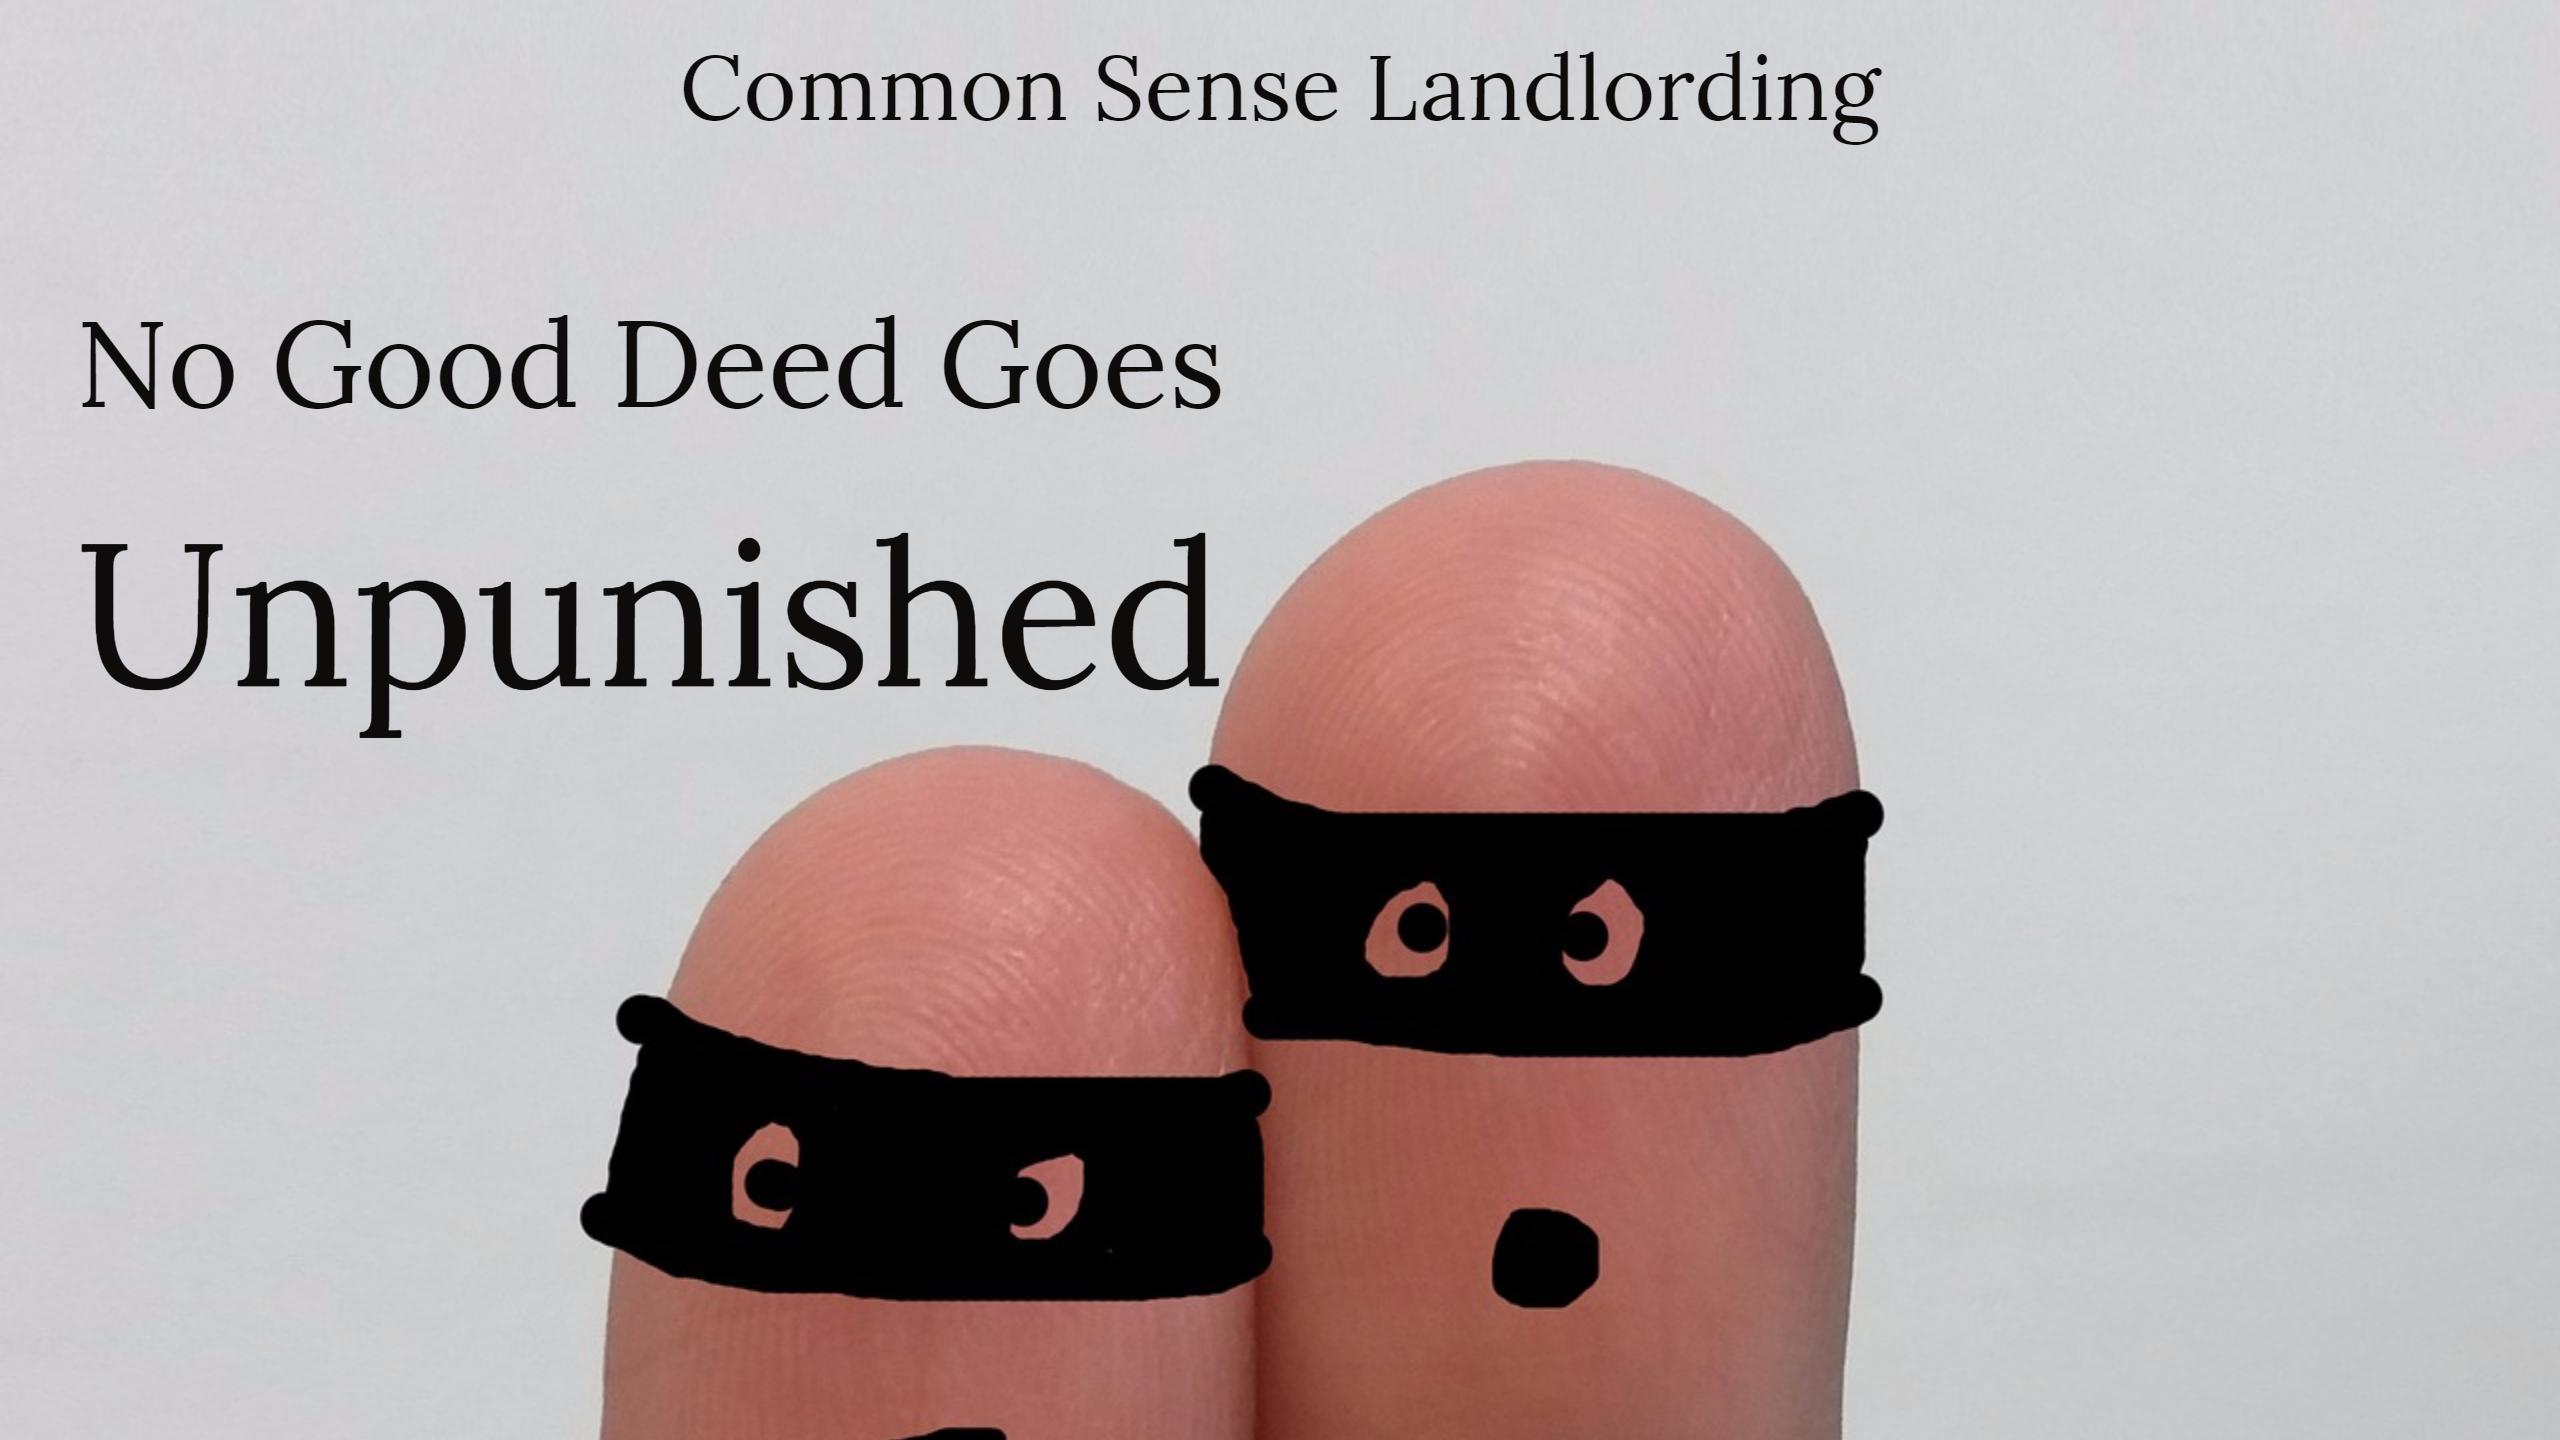 No Good Deed Goes Unpunished - Case Study